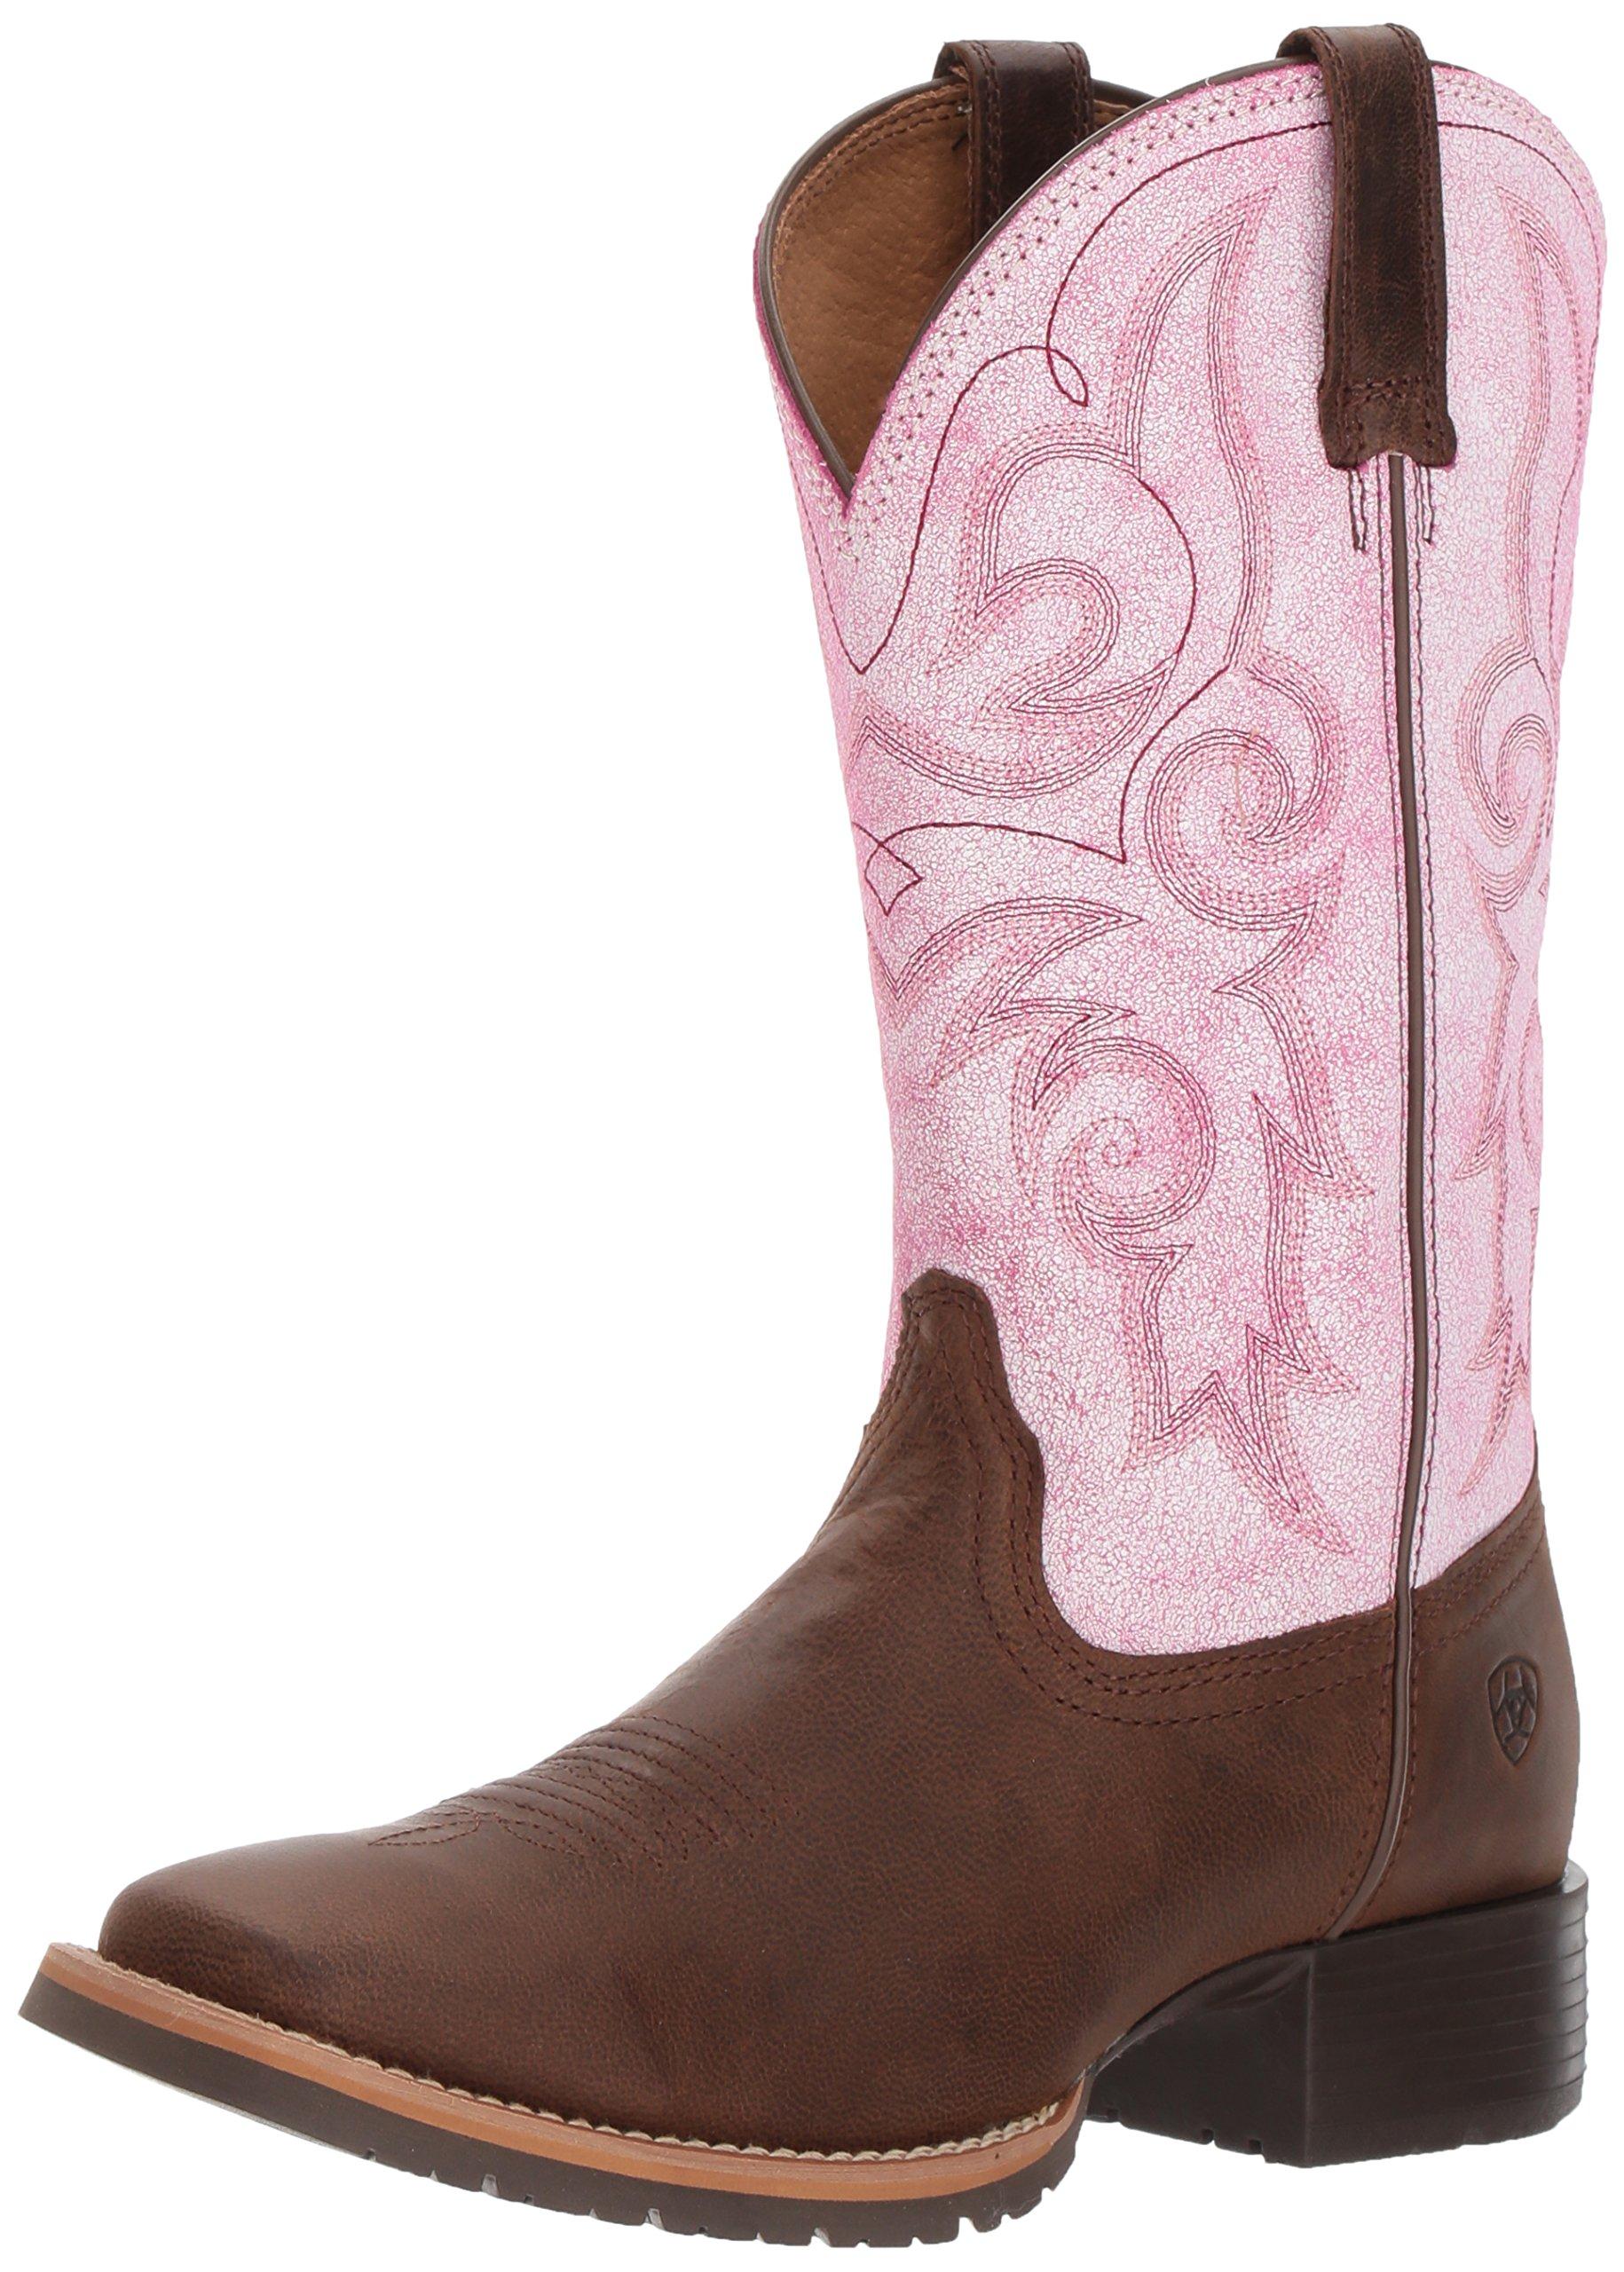 Ariat Women's Hybrid Rancher Work Boot, Barnwood, 10 B US